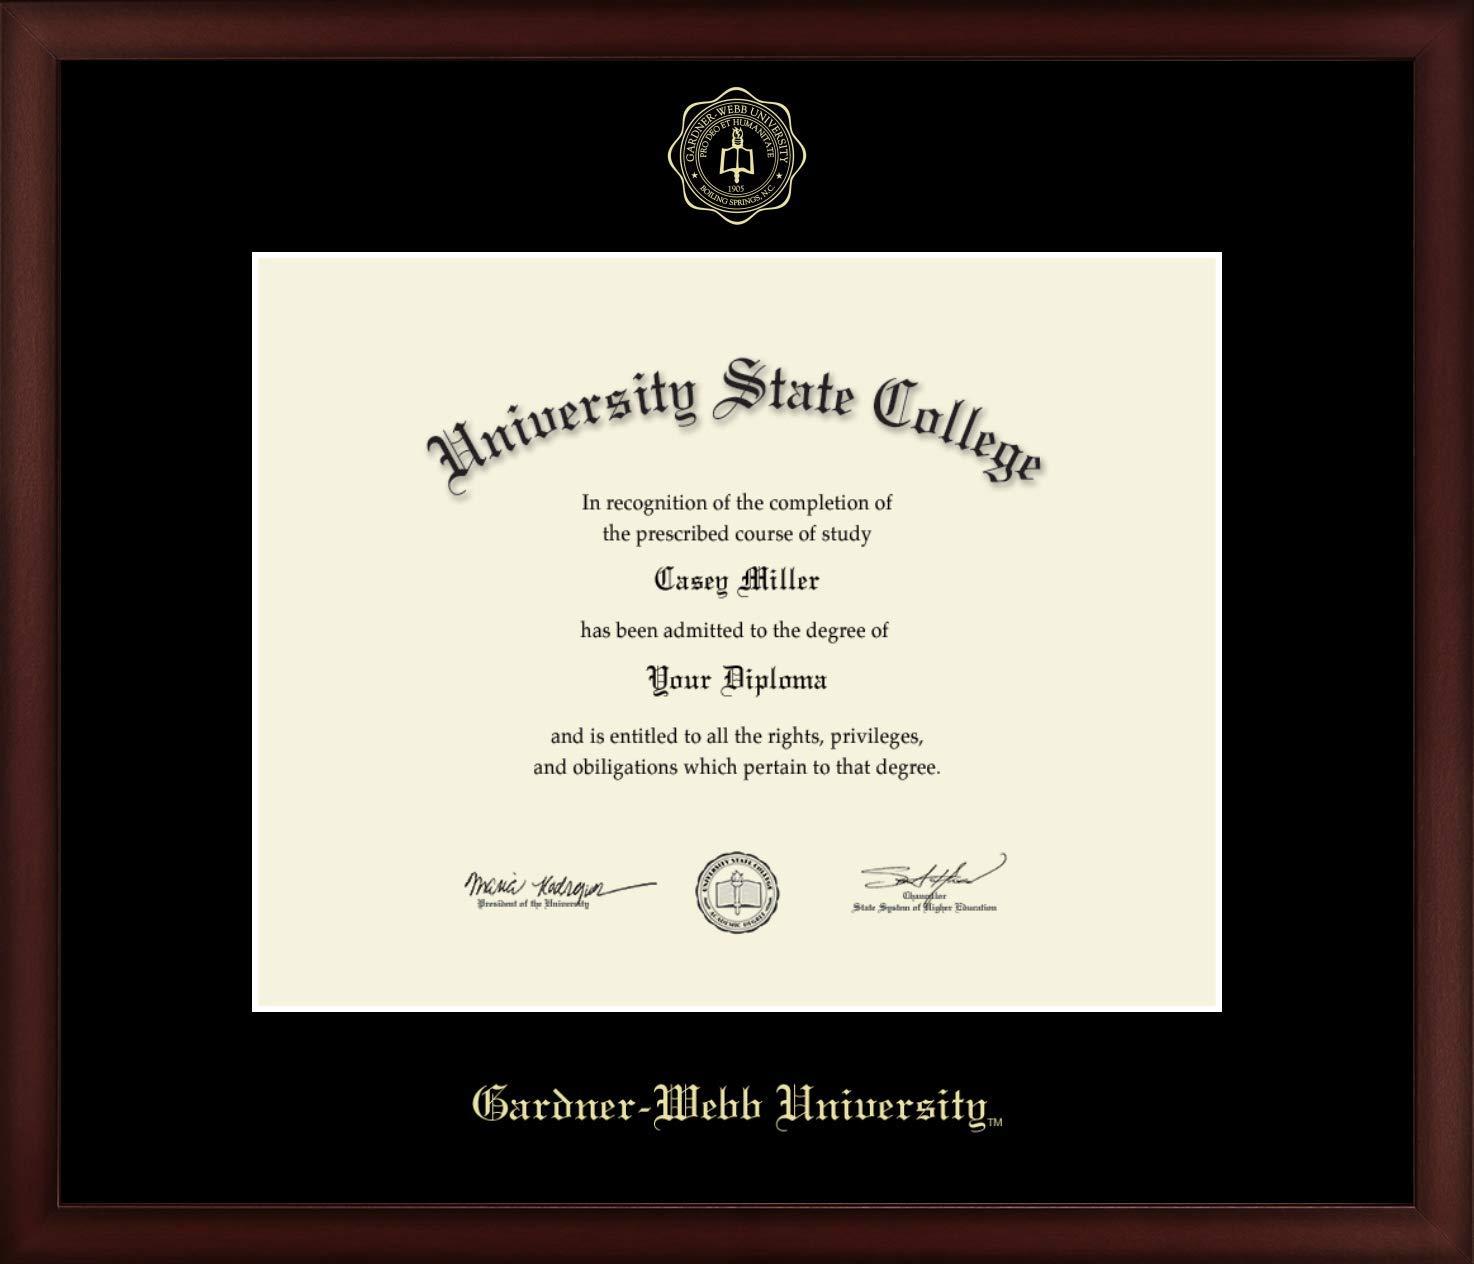 Gardner-Webb University - Officially Licensed - Gold Embossed Diploma Frame - Diploma Size 14'' x 11''